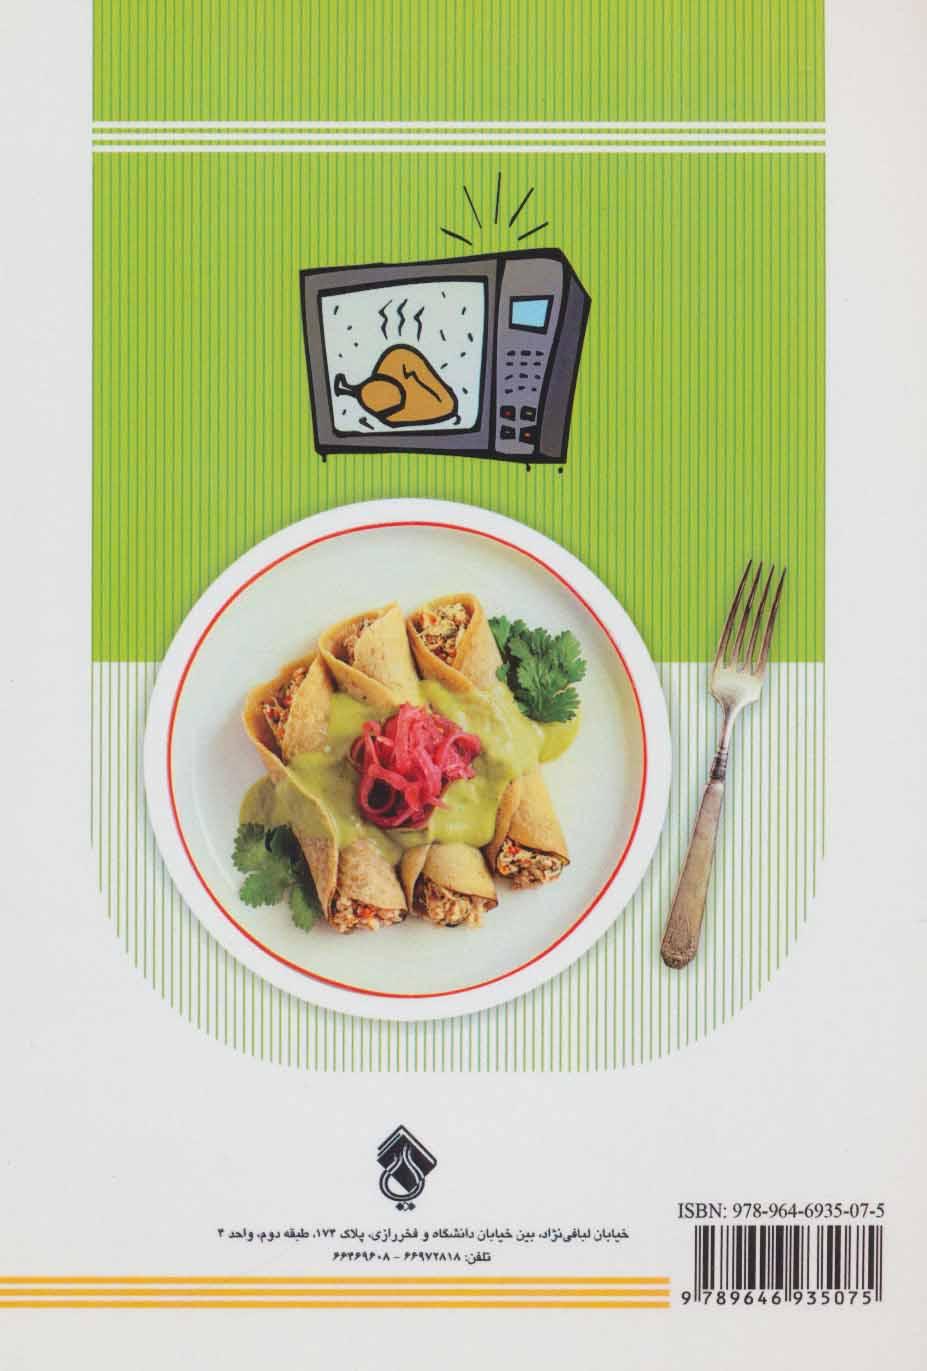 آشپزی و شیرینی پزی با مایکرویو